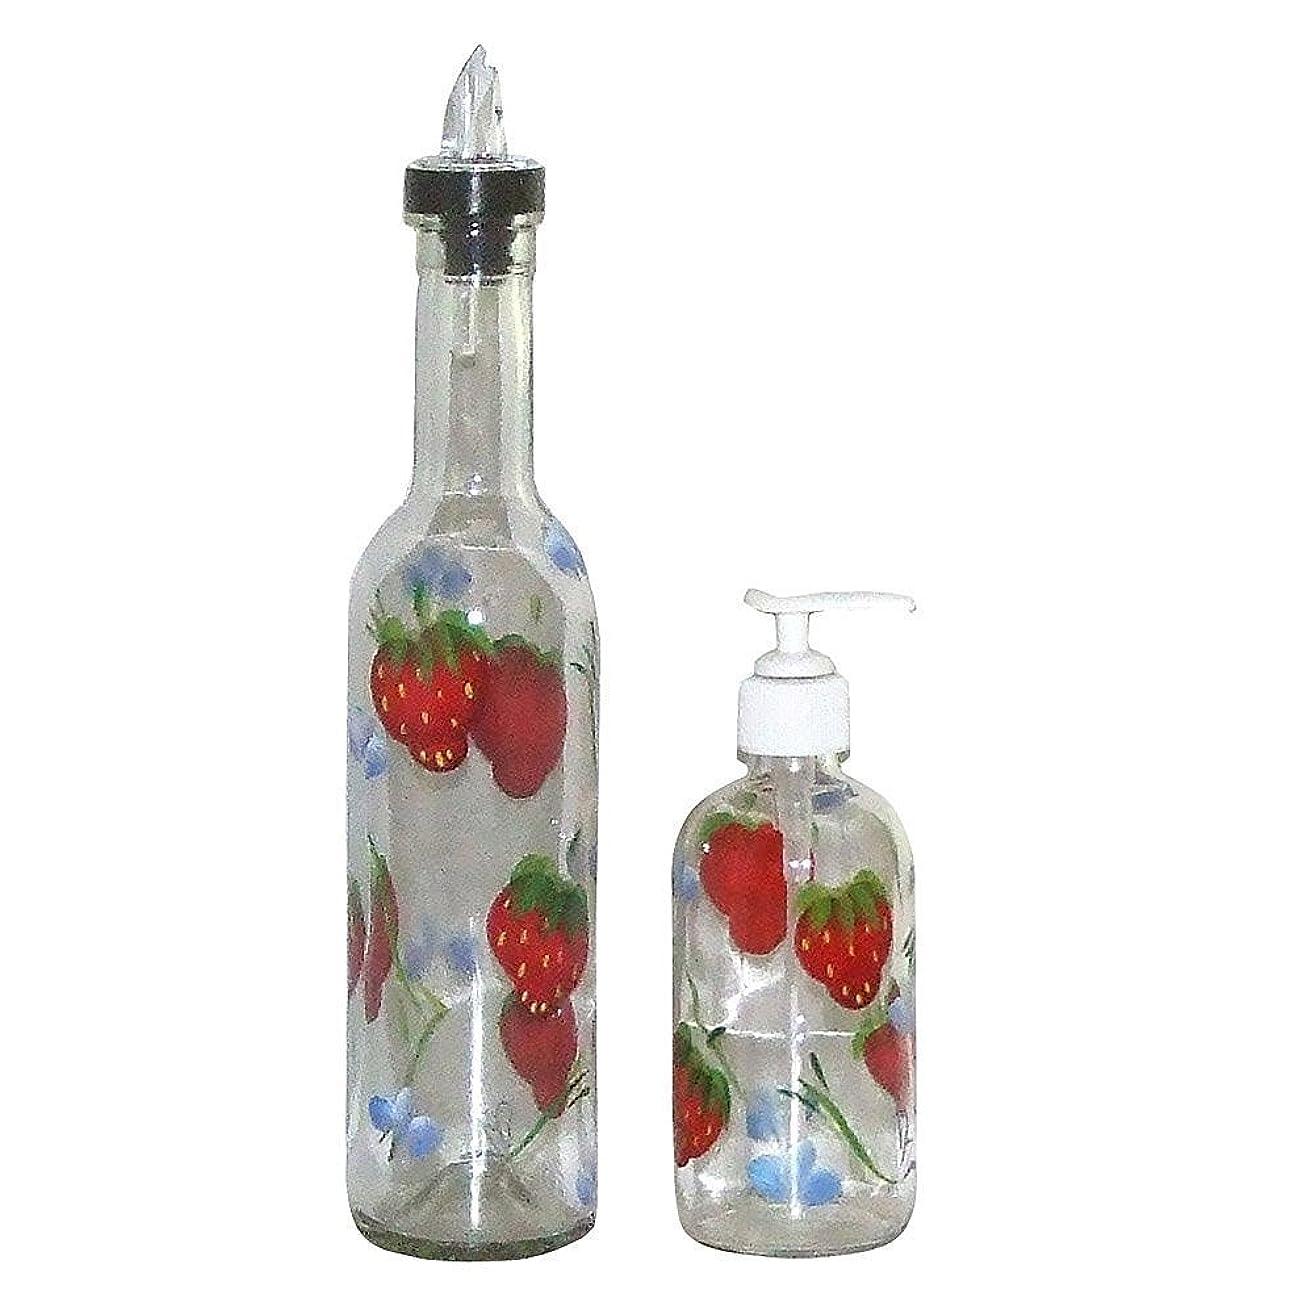 Hand Painted Clear Glass Pour Spout Bottle & Soap/Lotion Dispenser Set. Luscious Strawberry Design.